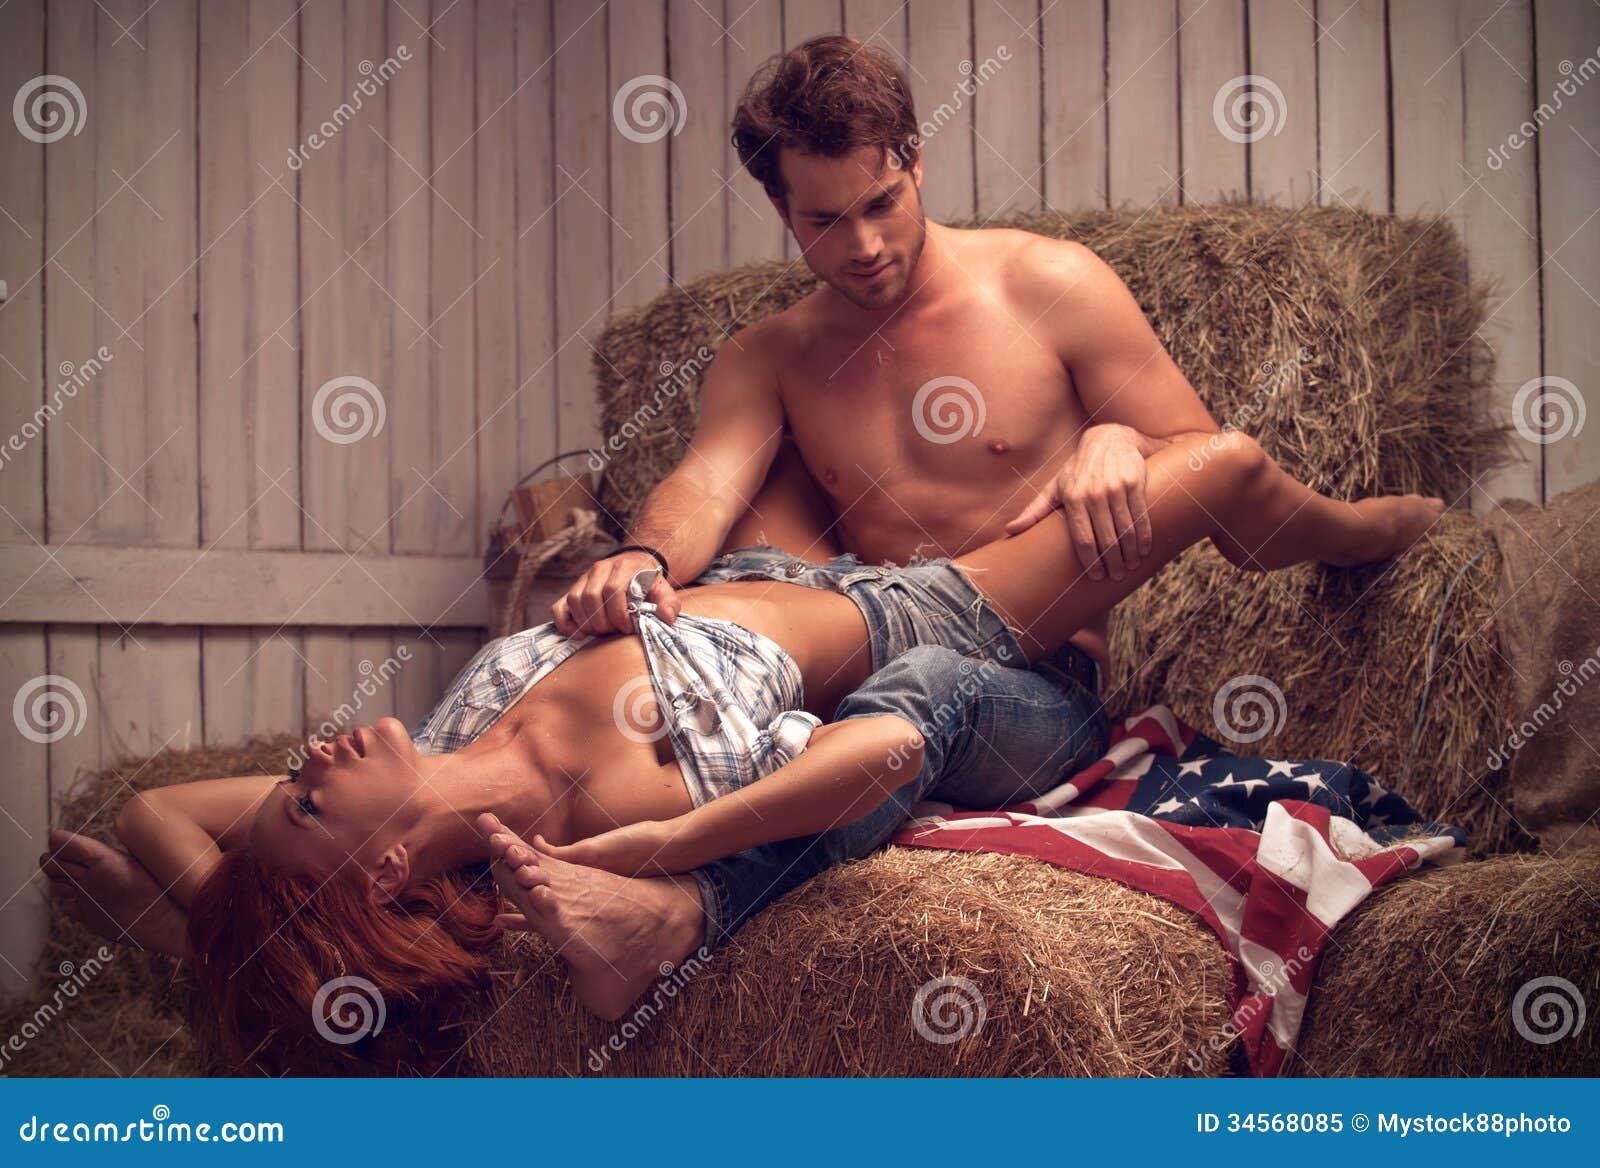 baise et ejaculation sur une chatte poilue dune minette